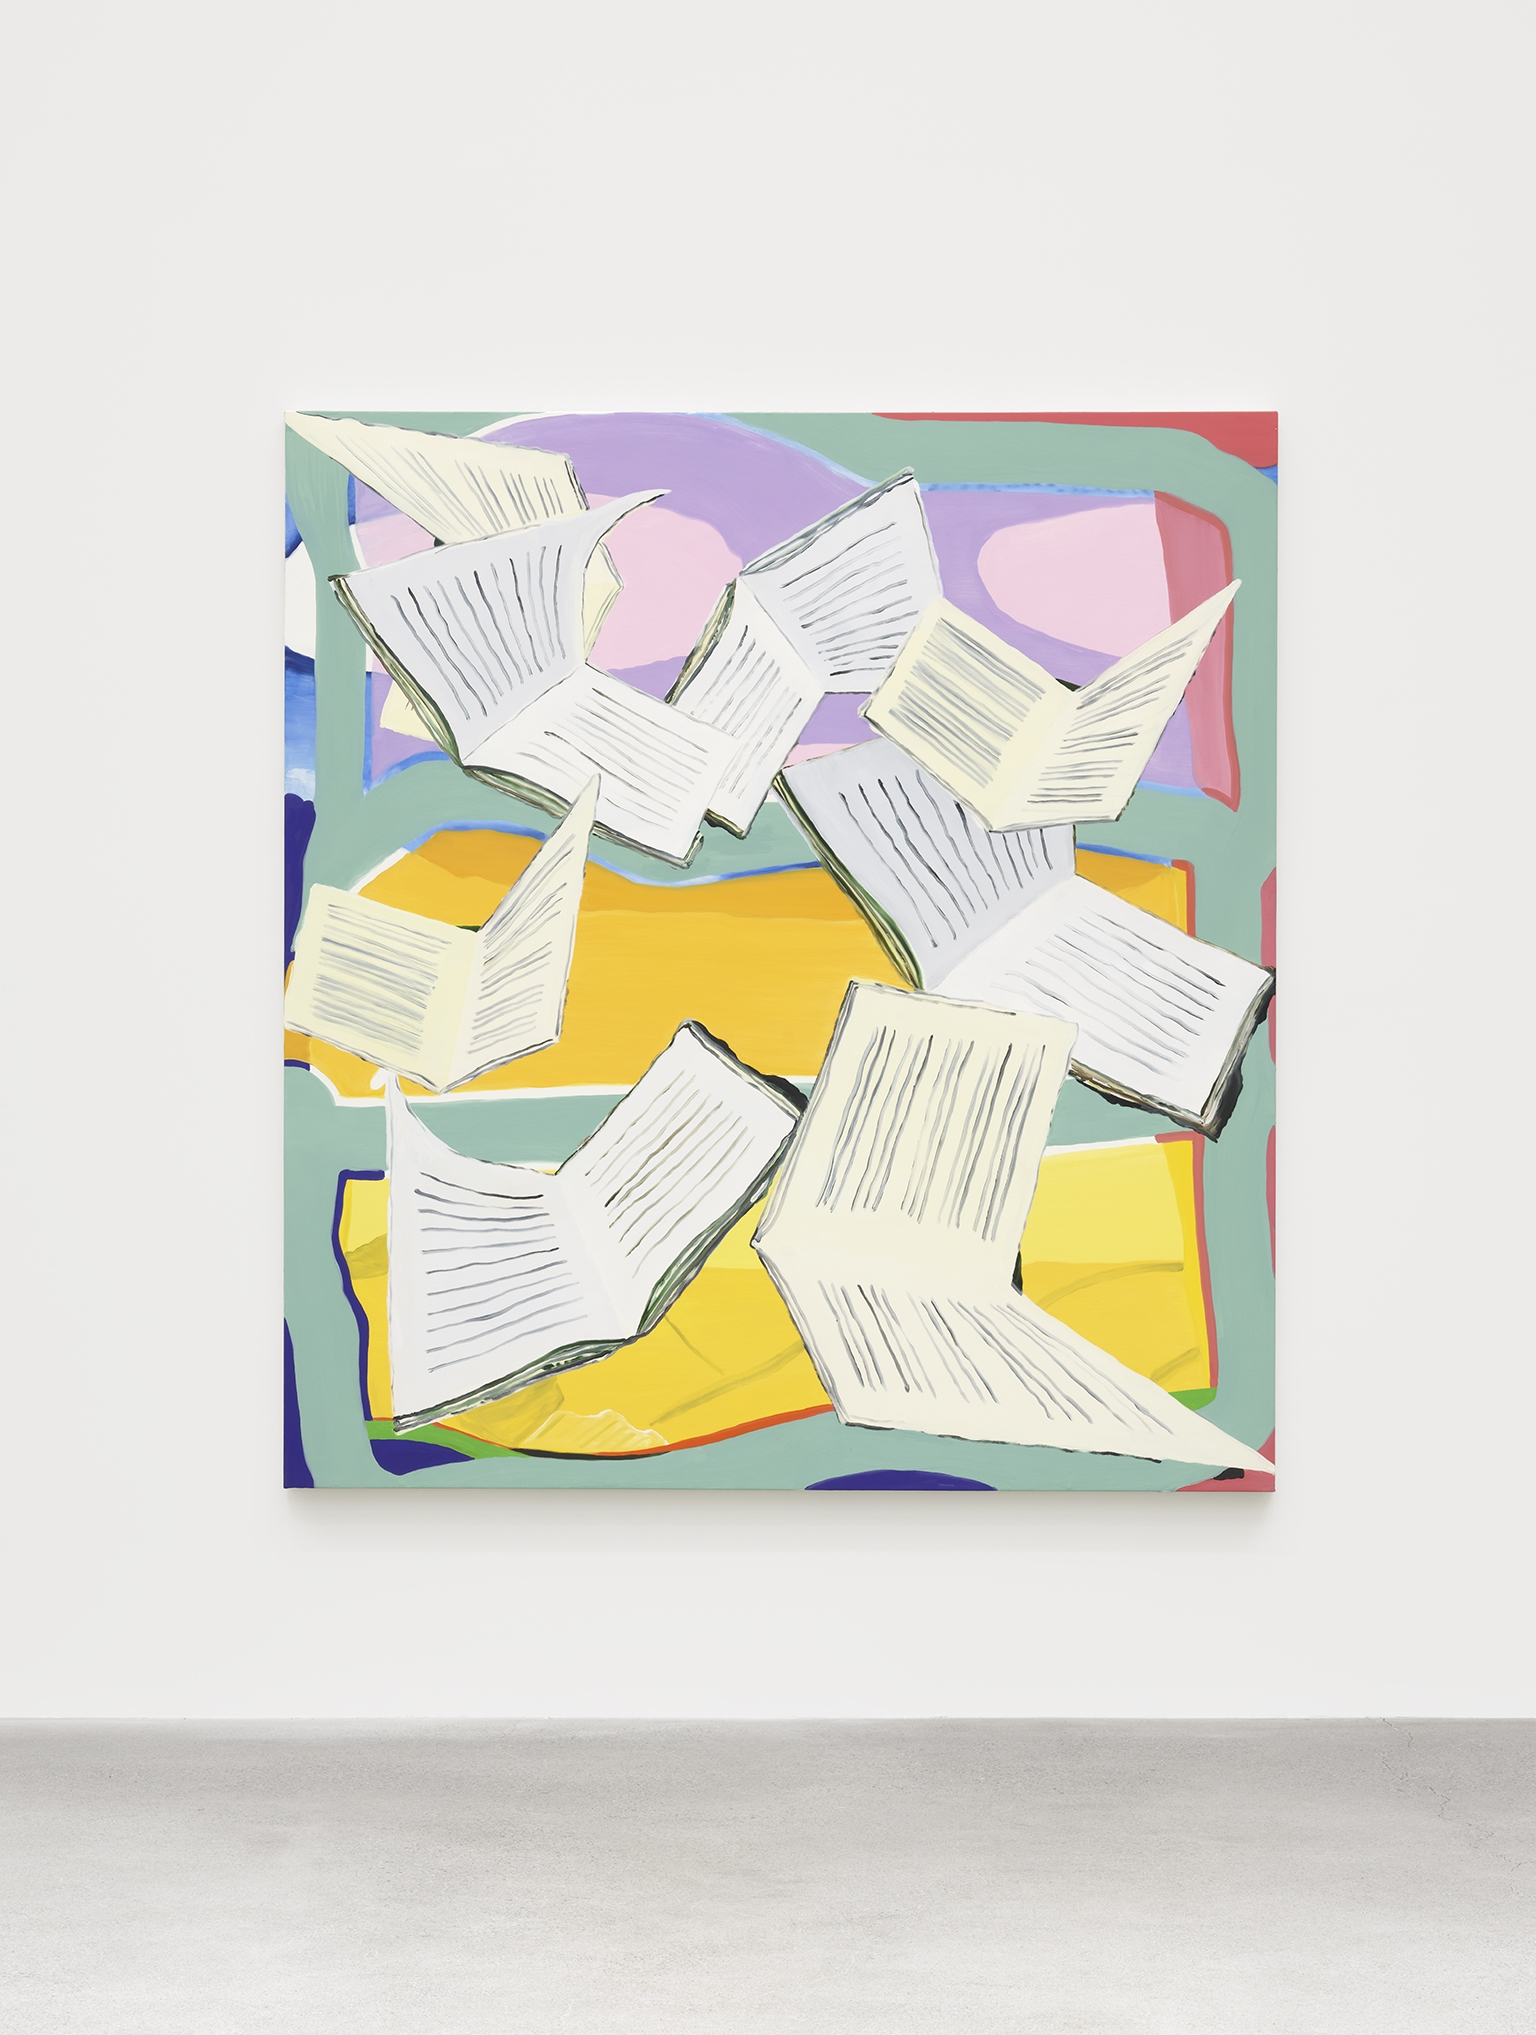 Elizabeth McIntosh, Bookfly, 2019, oil on canvas, 78 x 72 in. (198 x 183 cm) by